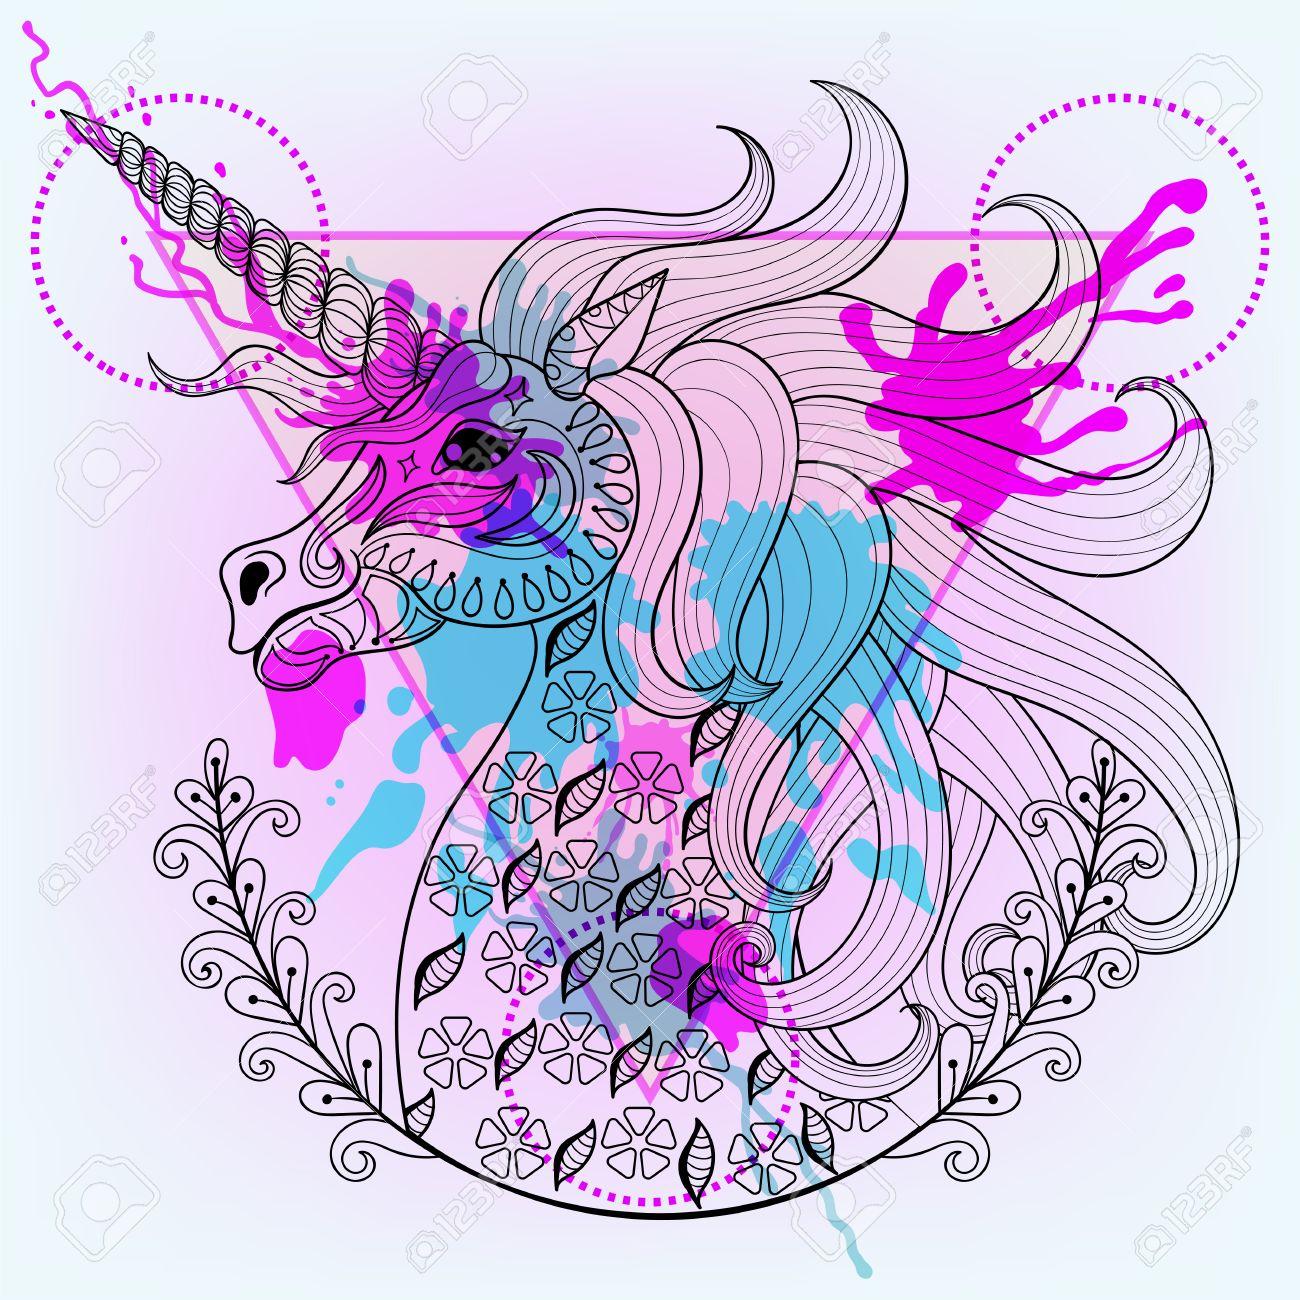 Coloriage Adulte Licorne.Main Vecteur Trace Licorne Magique Pour Coloriage Adulte Dans Le